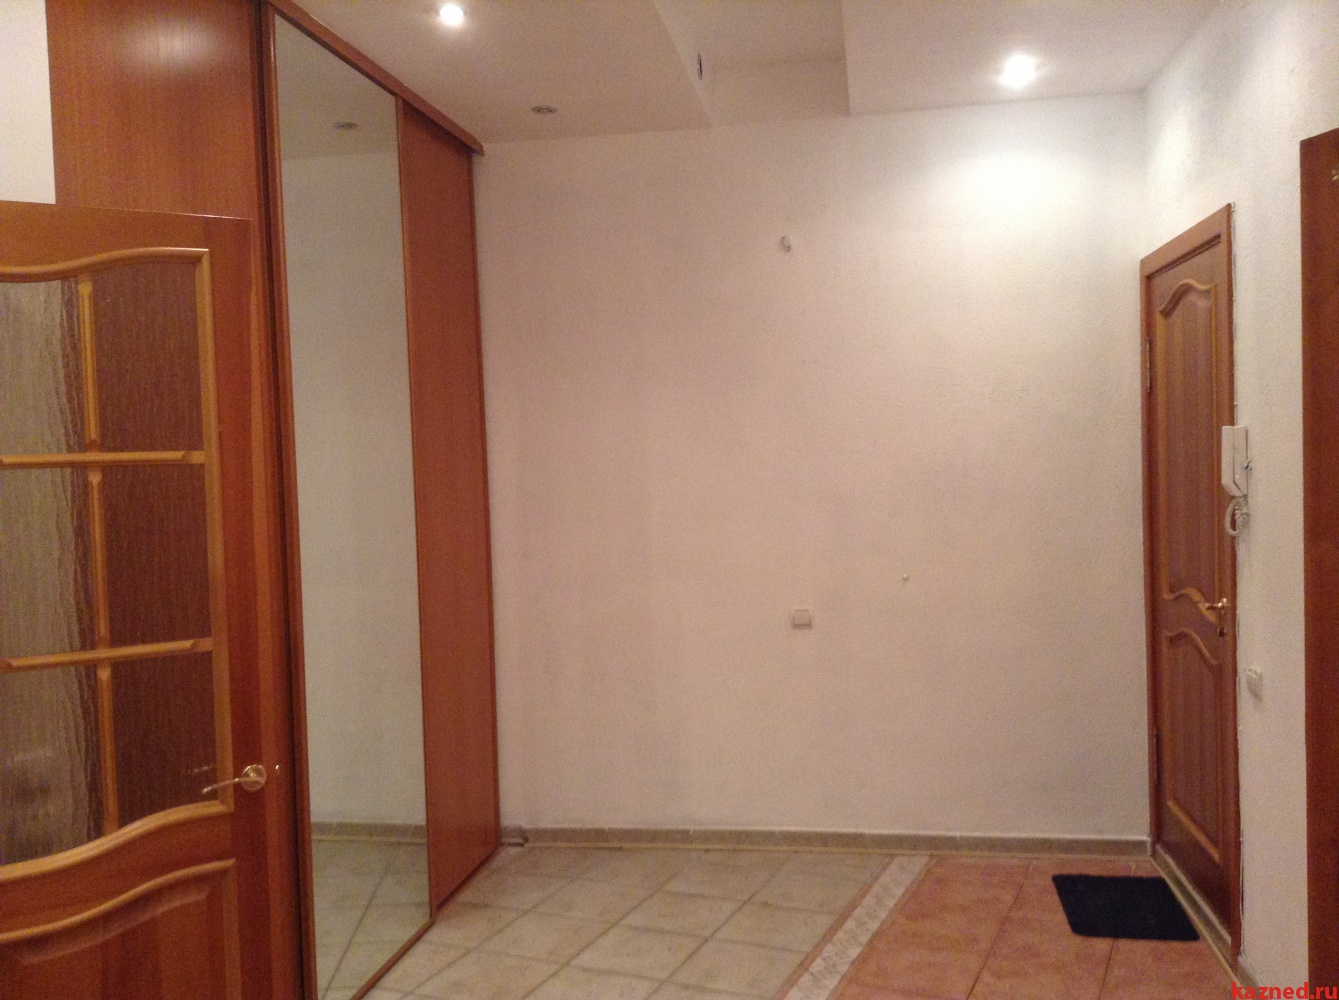 Продажа 4-к квартиры Эсперанто 12В, 150 м²  (миниатюра №6)